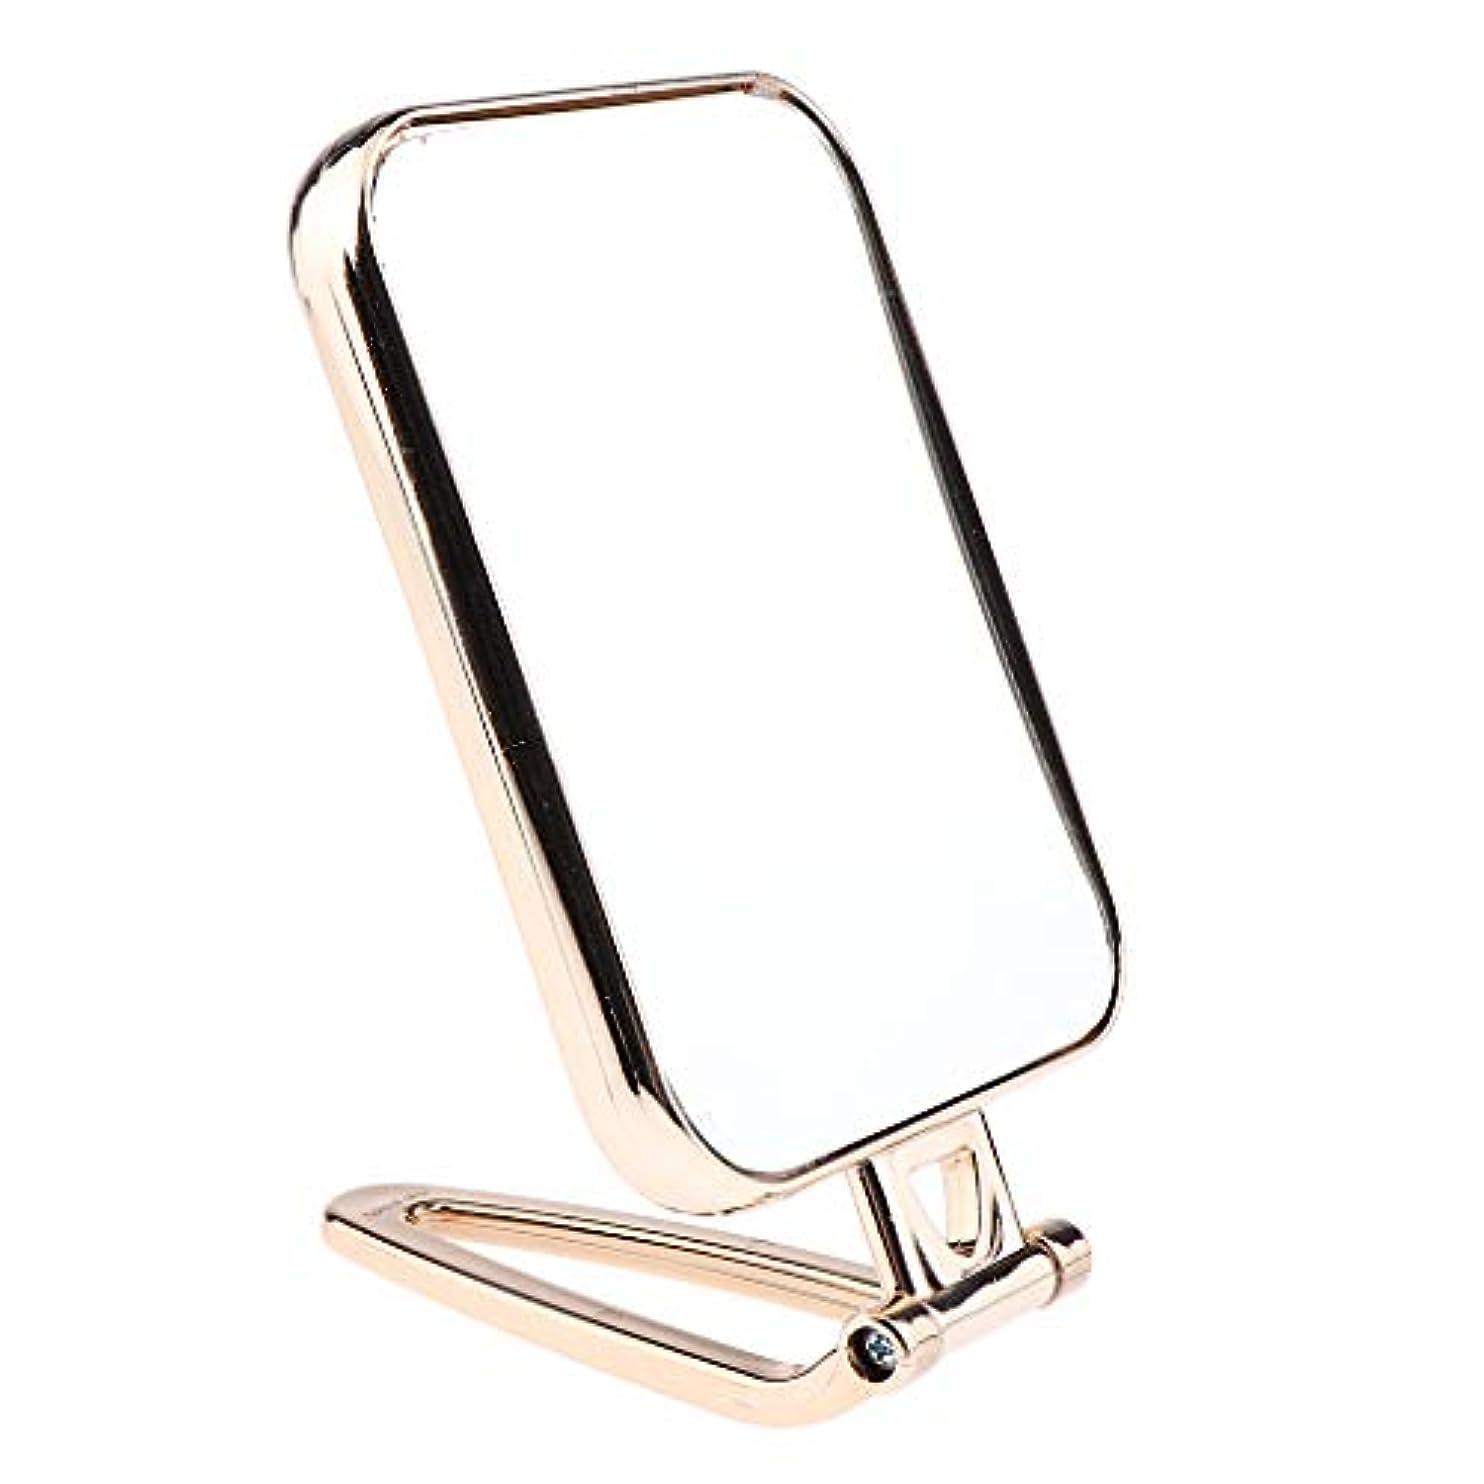 資産おじさん個人メイクアップミラー 折りたたみ ポータブル 洗面台 卓上 旅行 コンパクトミラー 2タイプ選べ - ゴールド